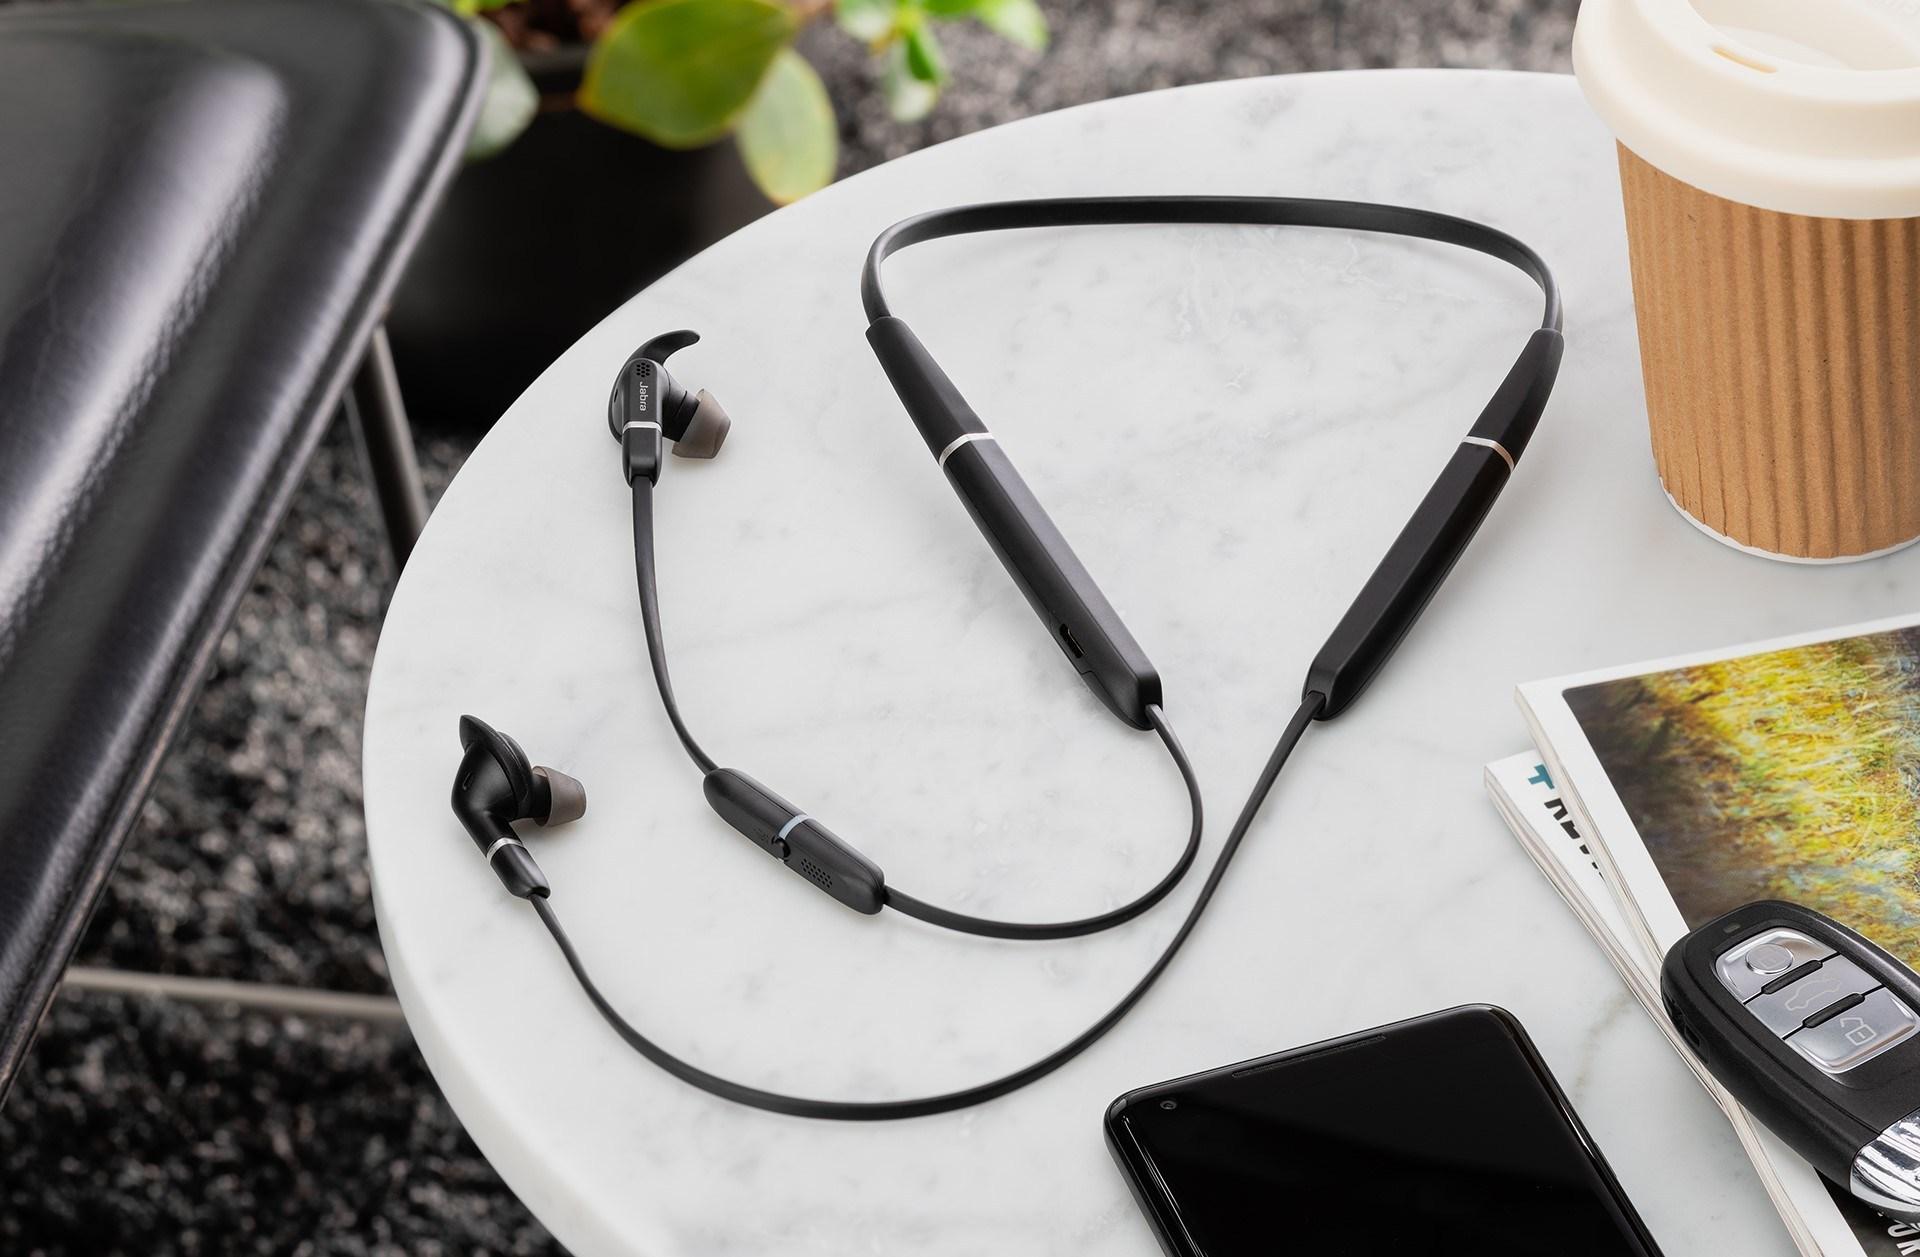 一款专为通话而生的挂颈式蓝牙耳机,Jabra Evolve 65e 评测丨钛极客